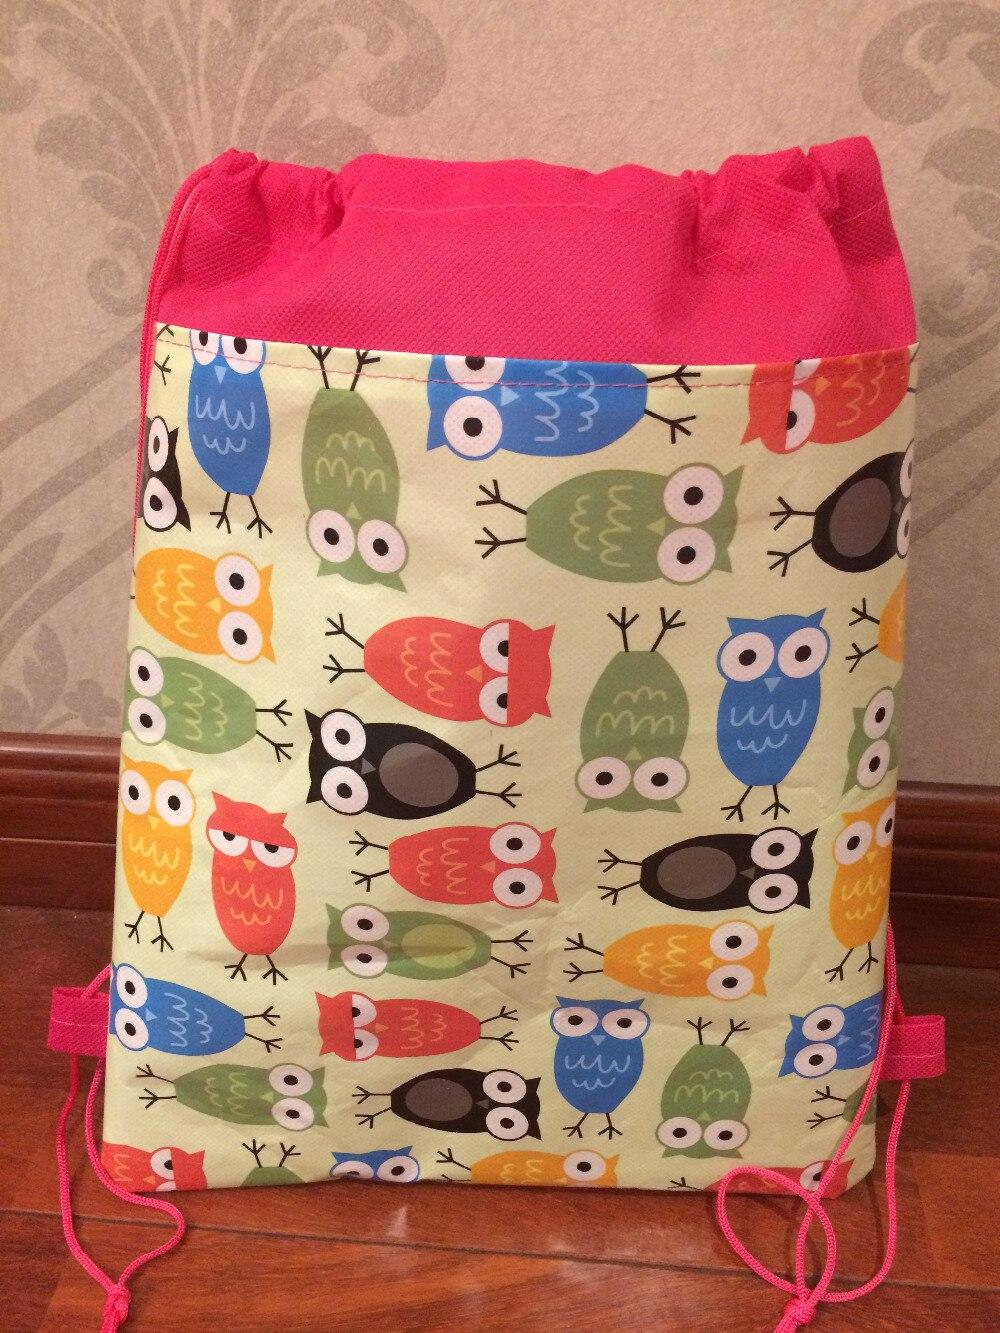 12 шт./лот животных Сова для детей swimm разное питания Футбол школьная сумка рюкзак для обуви сумки для обуви для девочек мальчиков Вечерние